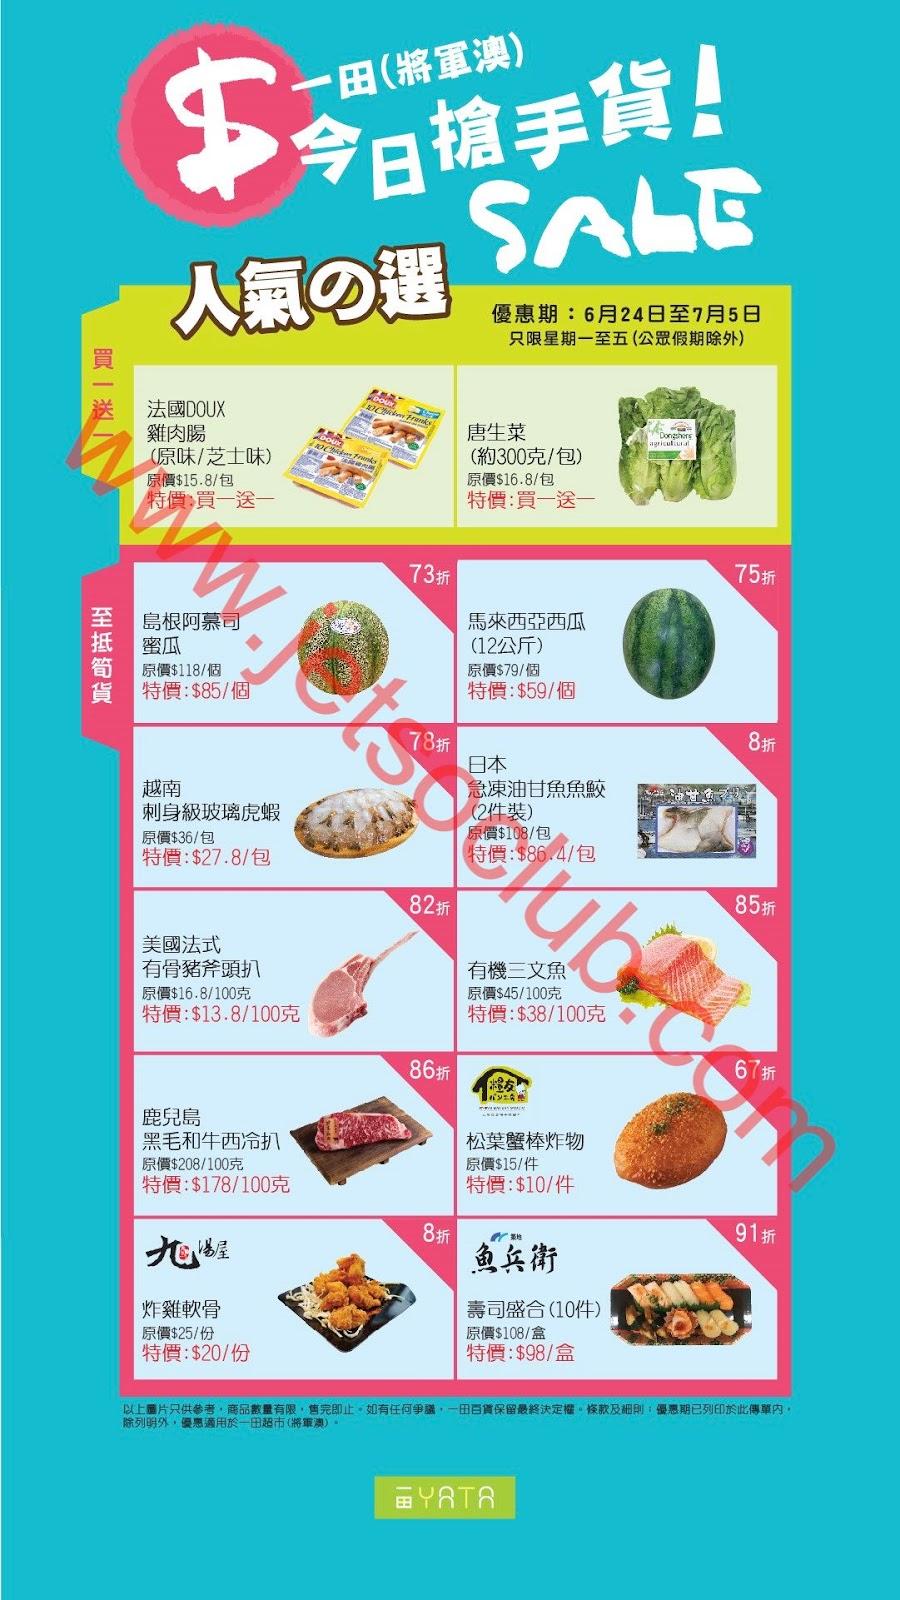 一田超市:荃灣/將軍澳店 今日搶手貨(24/6-5/7) ( Jetso Club 著數俱樂部 )